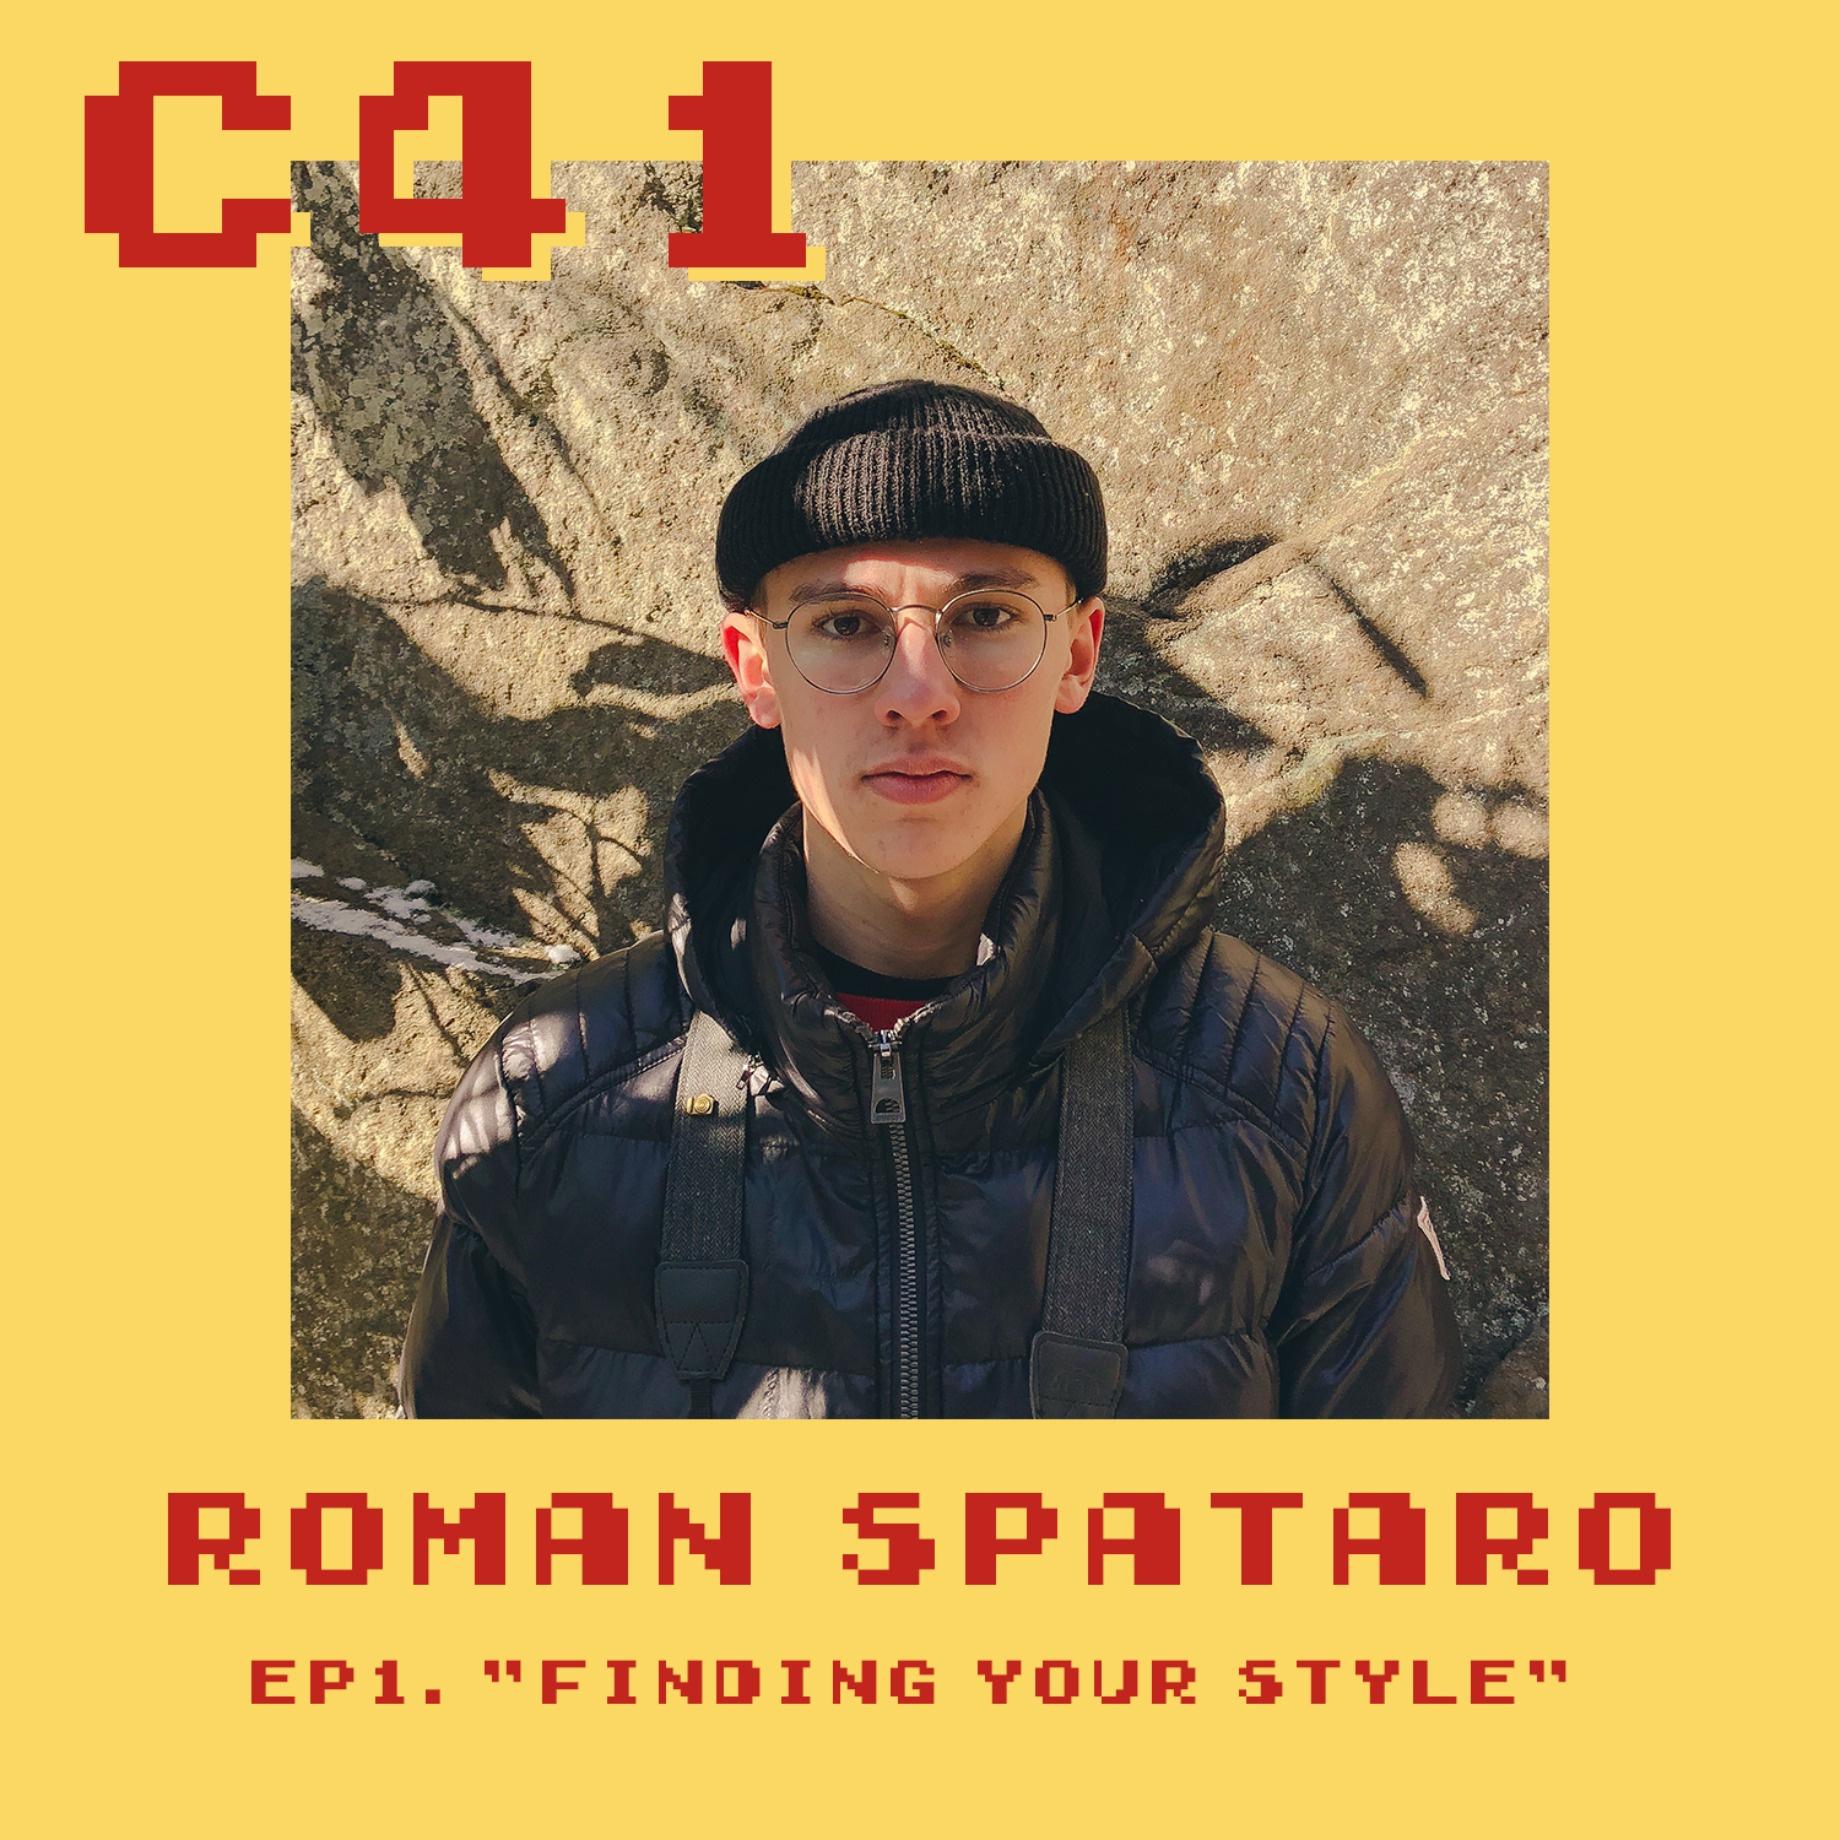 Episode 1 - Roman Spataro